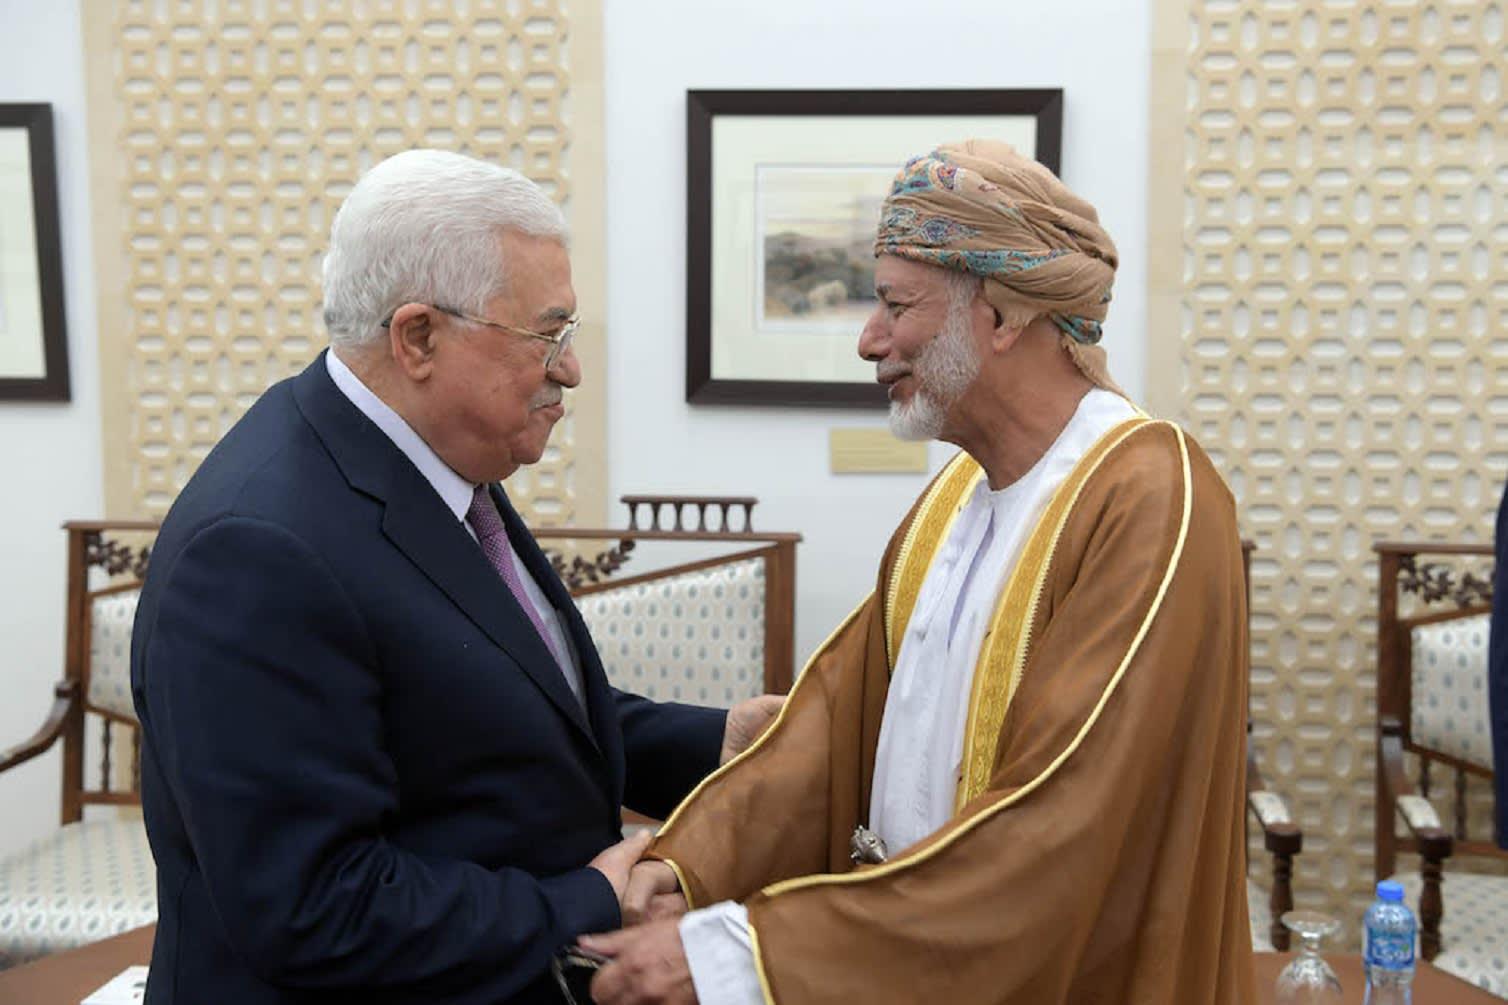 رسالة من السلطان قابوس إلى عباس بشأن زيارة نتنياهو